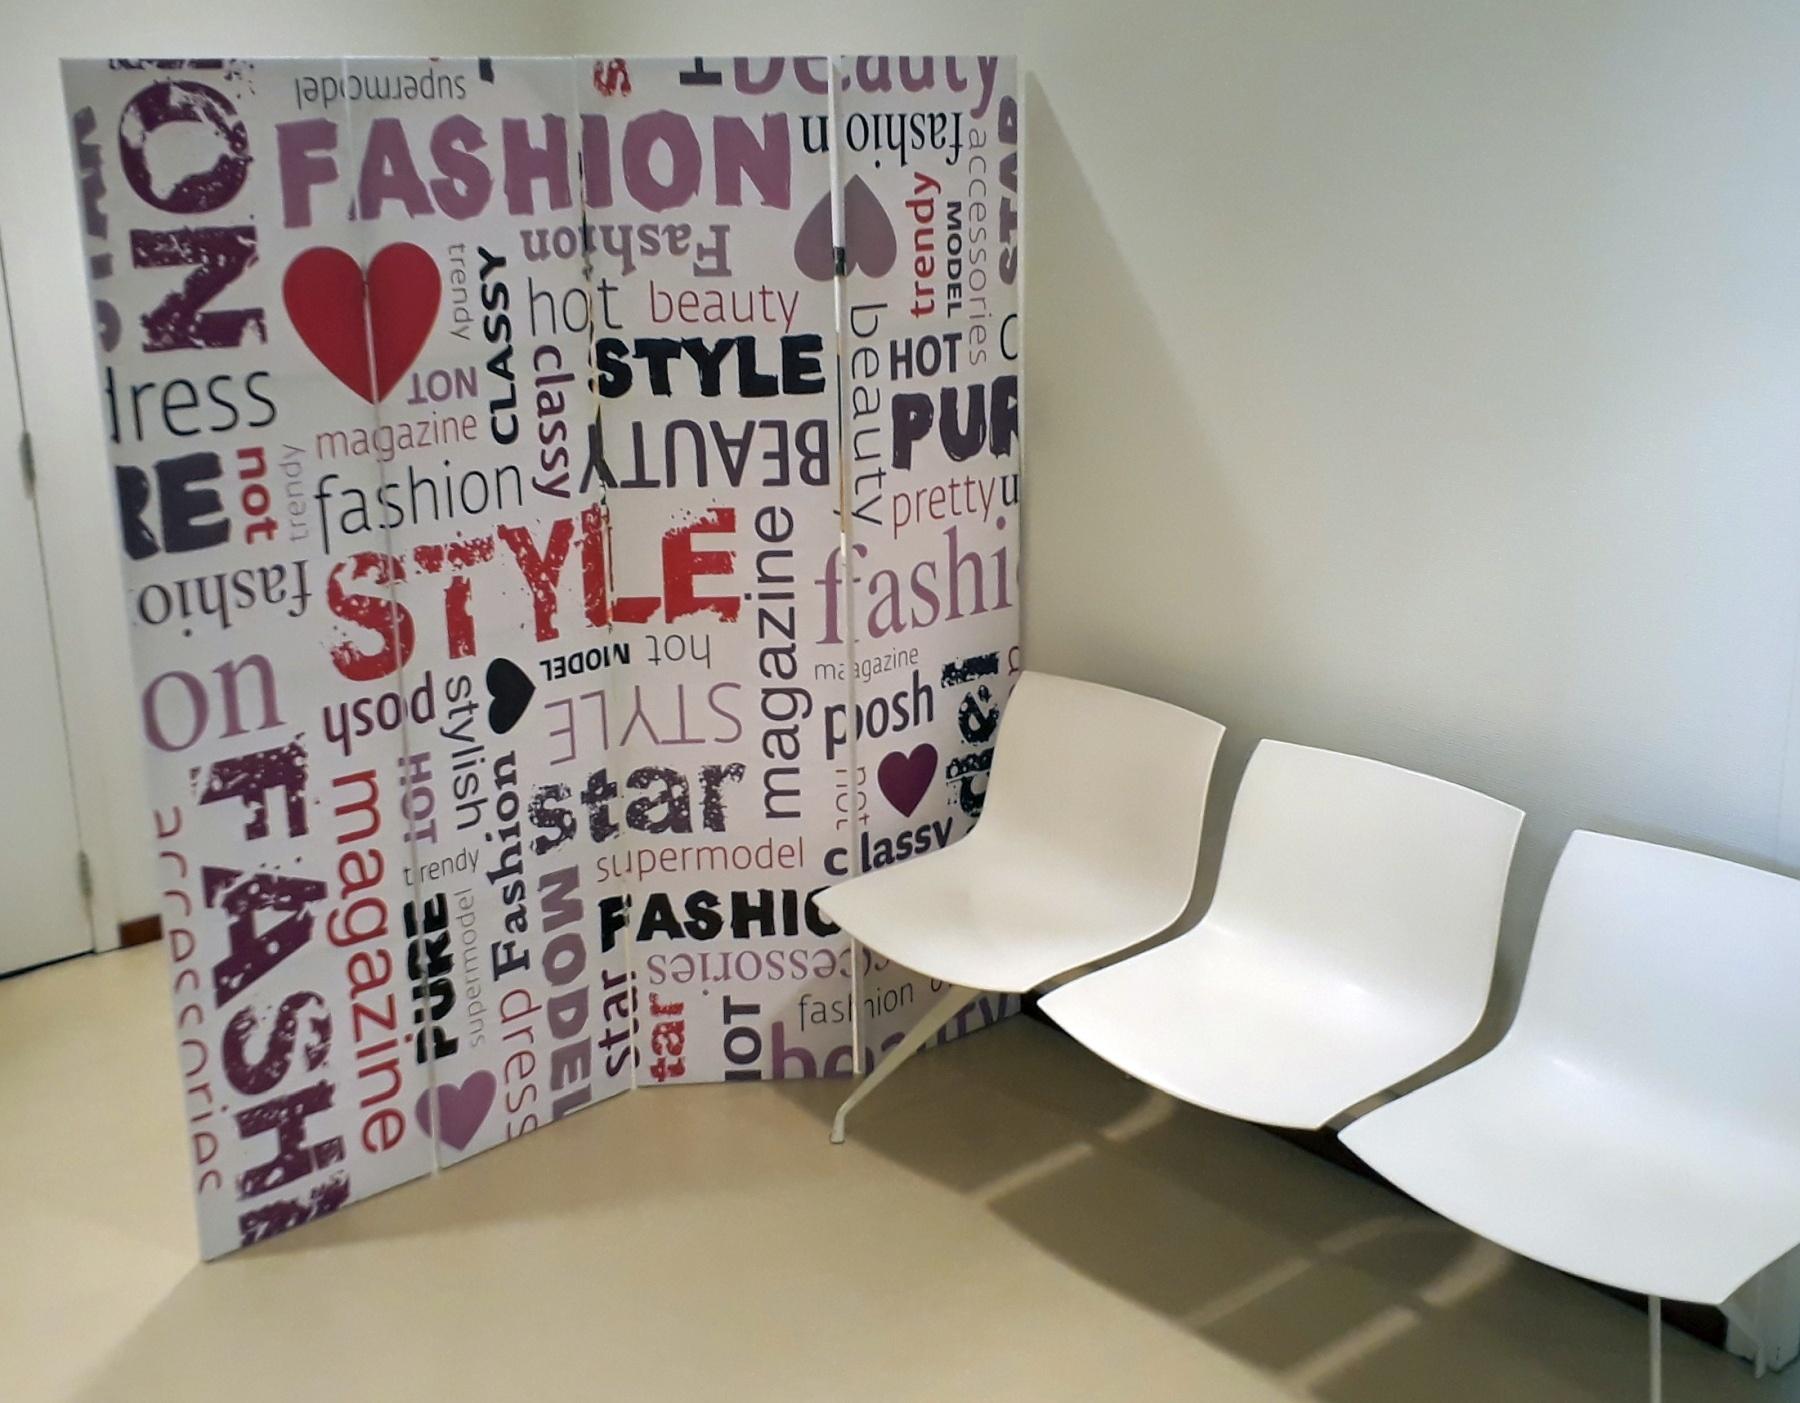 Kamerscherm Fashion wachtuimte